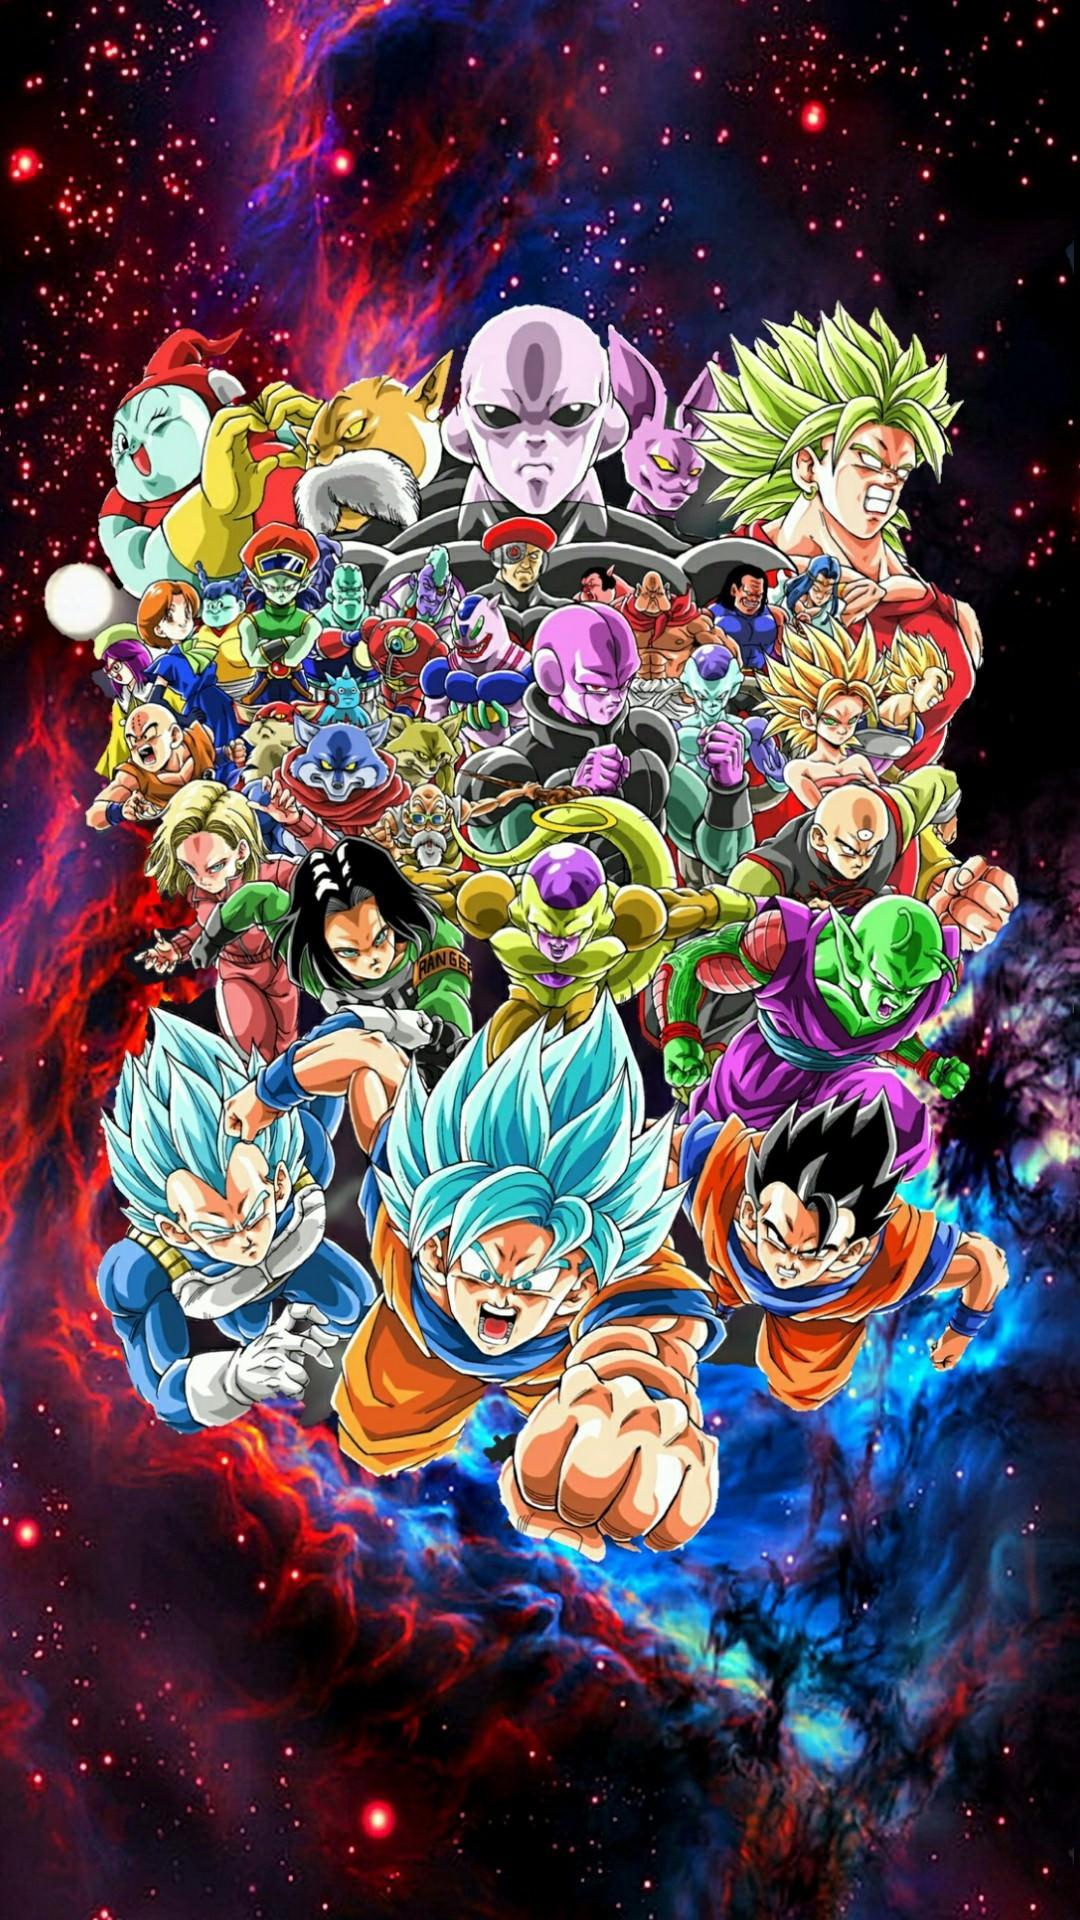 Dragon Ball Wallpaper Reddit Doraemon